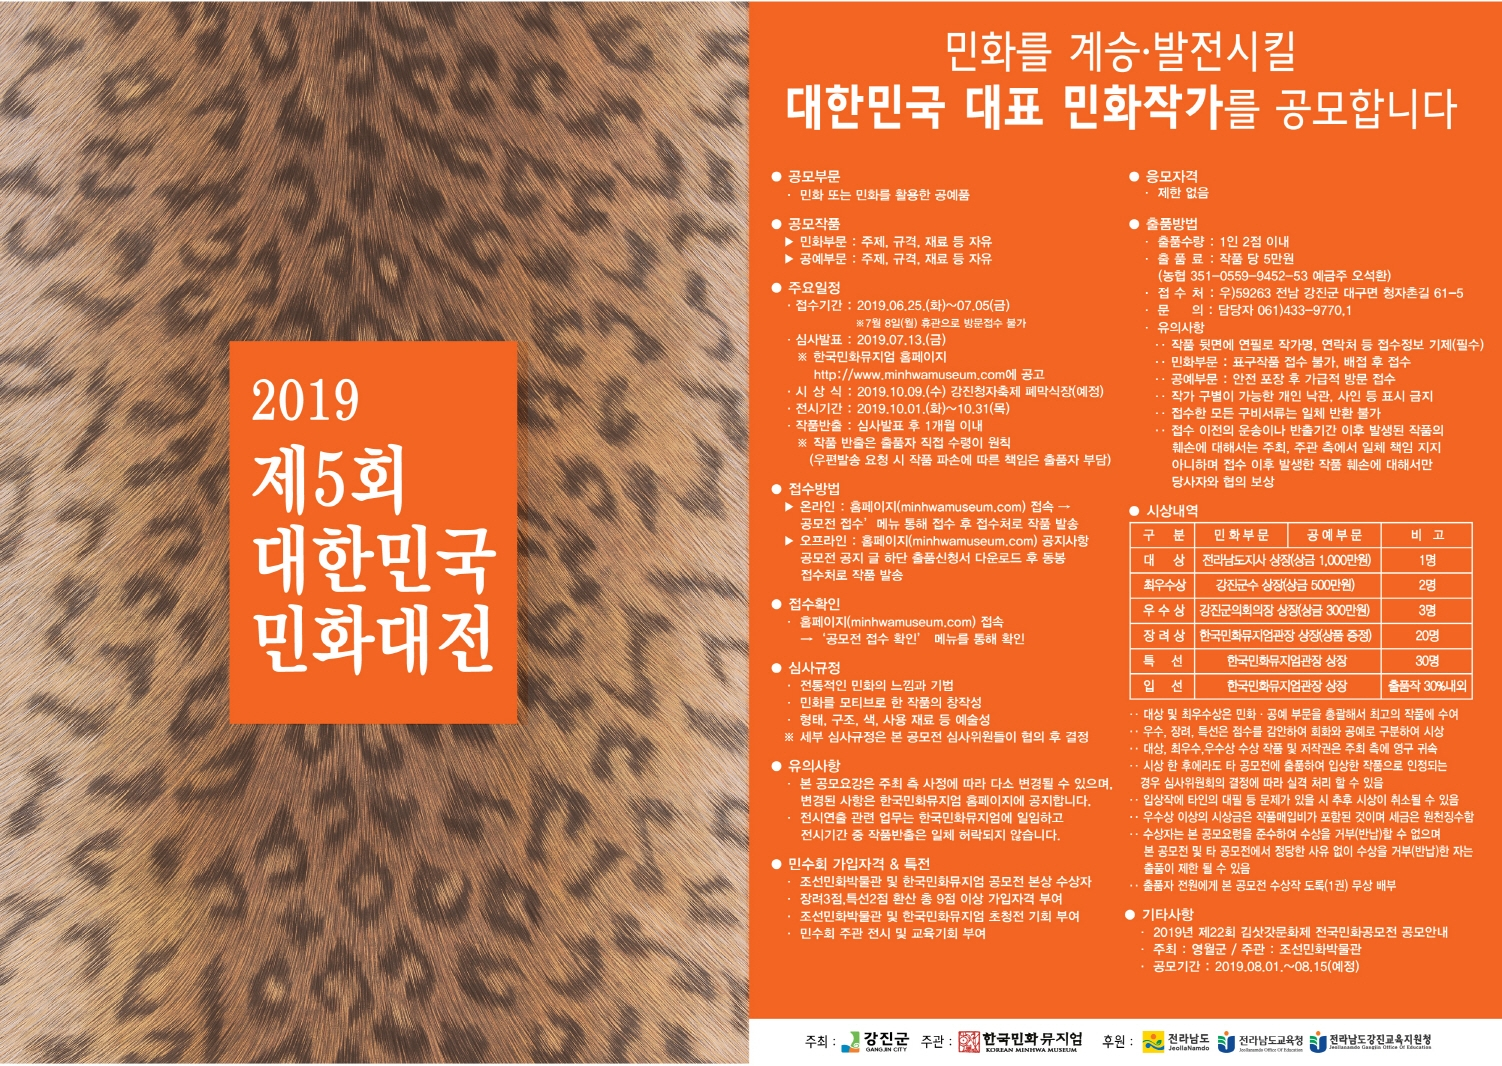 2019년 제5회 대한민국민화대전